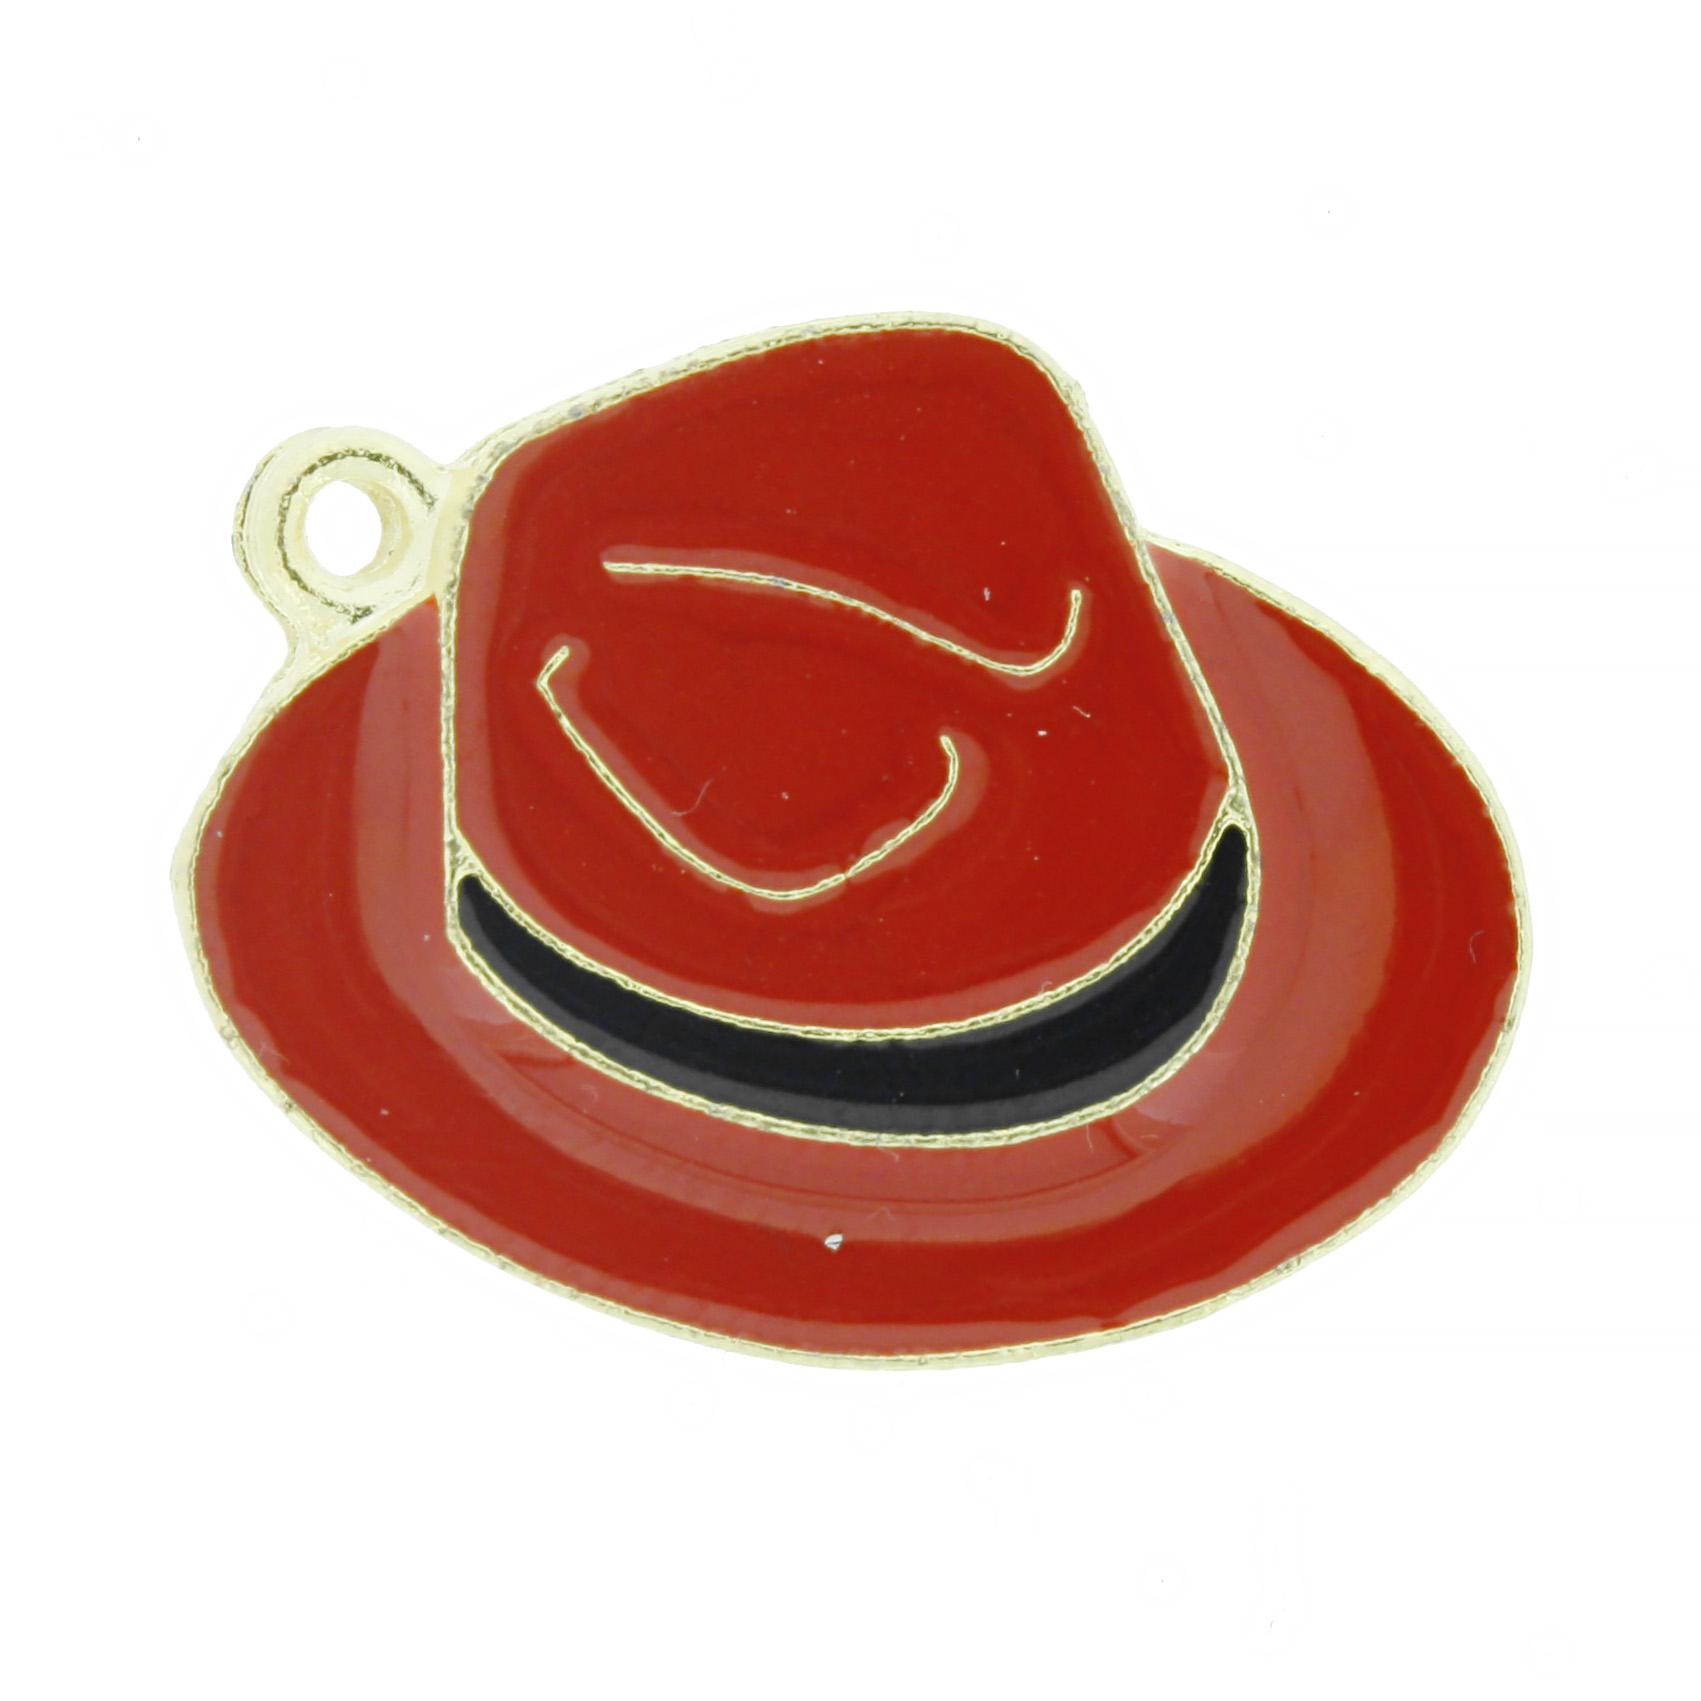 Chapéu Resinado Dourado - Vermelho e Preto - 22mm  - Universo Religioso® - Artigos de Umbanda e Candomblé